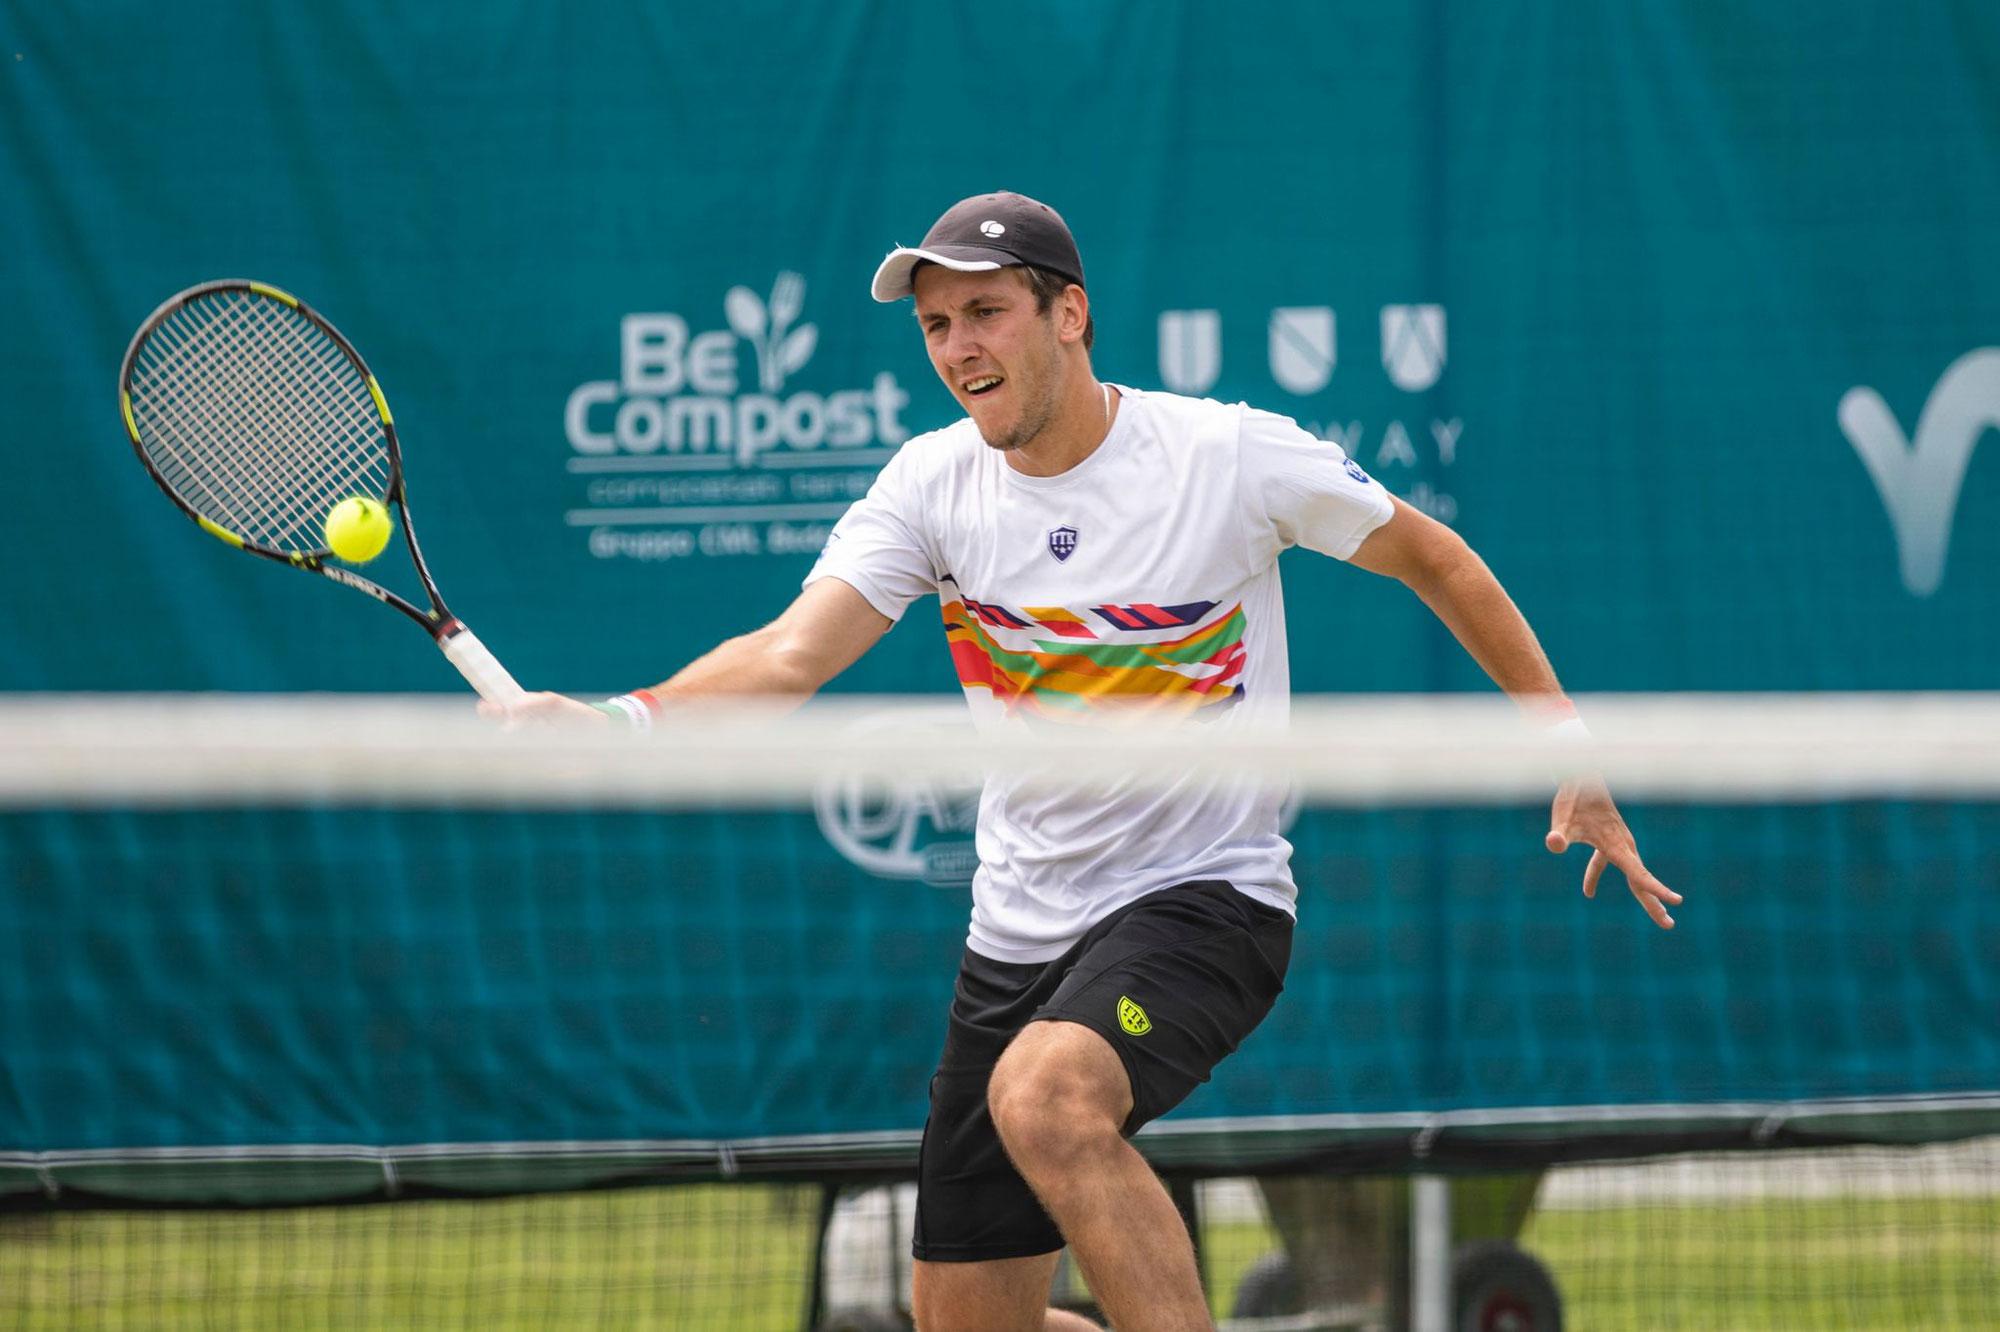 Battute conclusive agli Internazionali di tennis su erba naturale di Gaiba